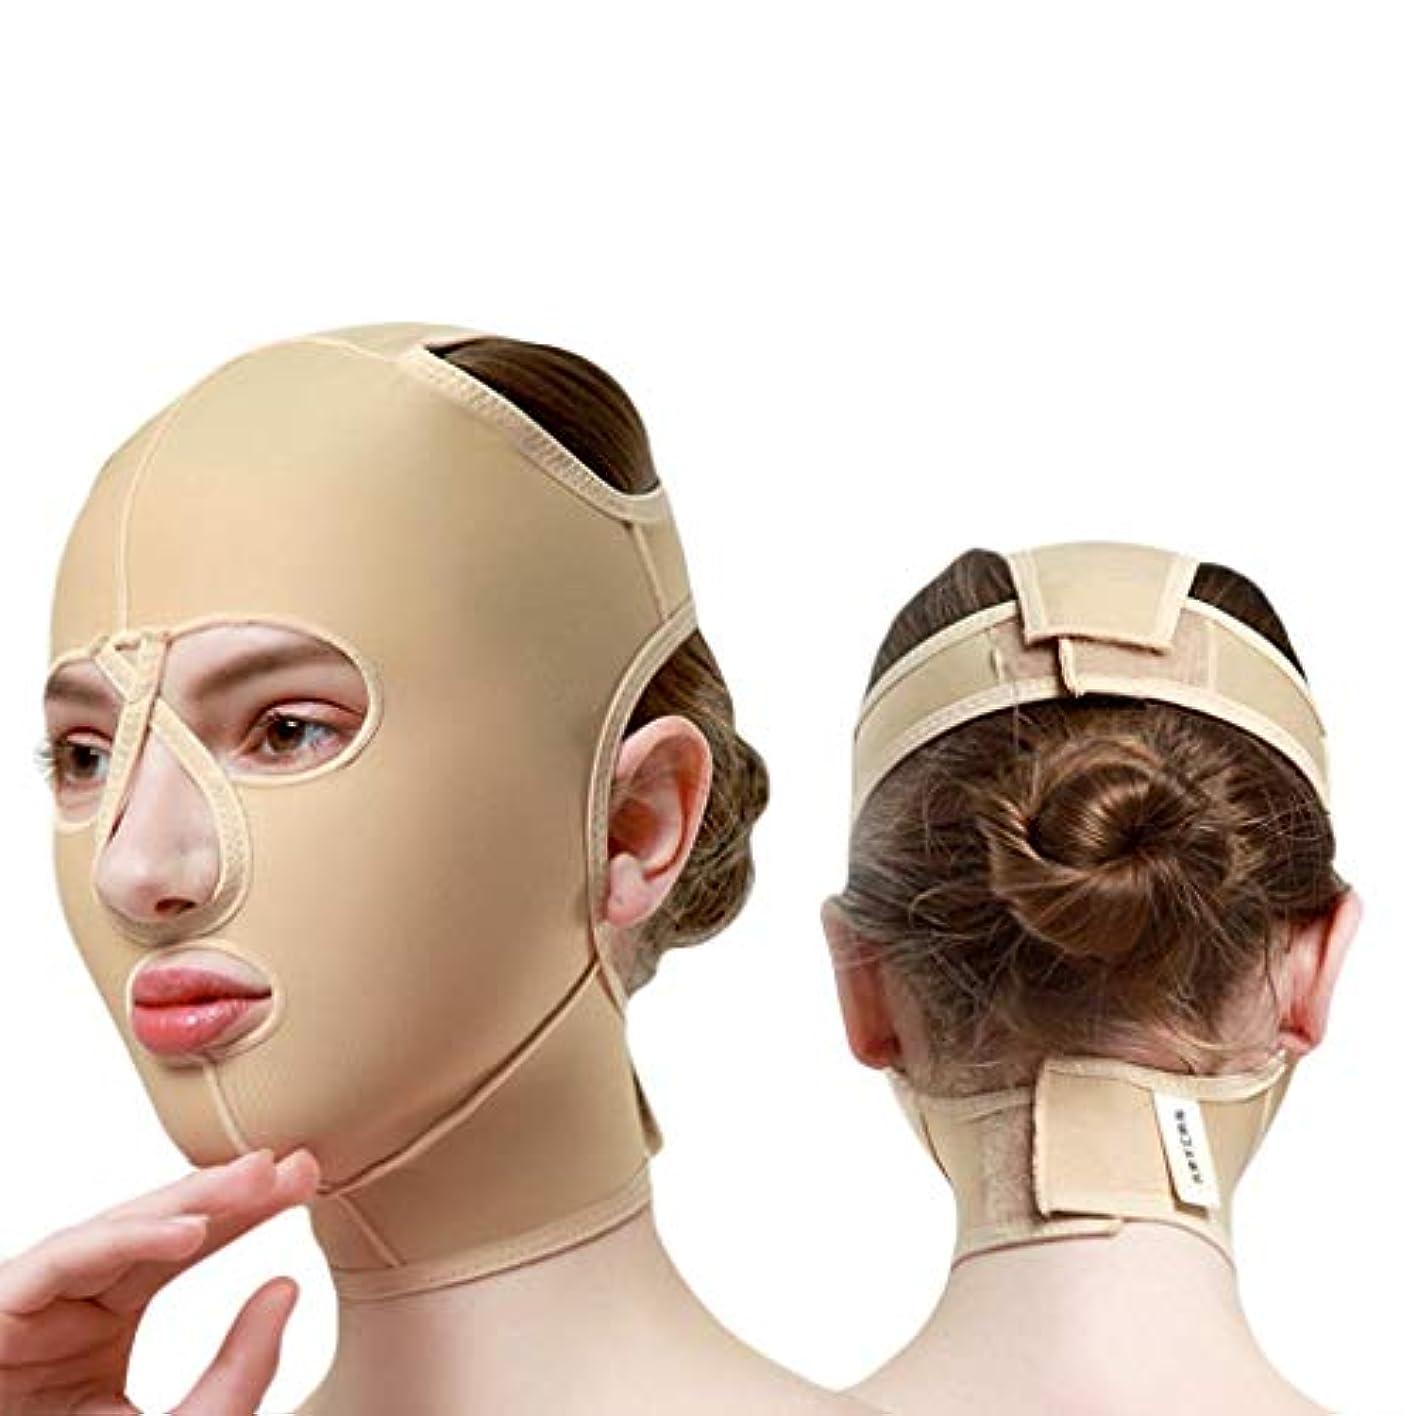 欠陥チャップ肯定的チンストラップ、顔彫りツール、リフティングマスク、ダブルチンリデューサー、フェイスリフティングエラスティックマスクメス(サイズ:M),XXL